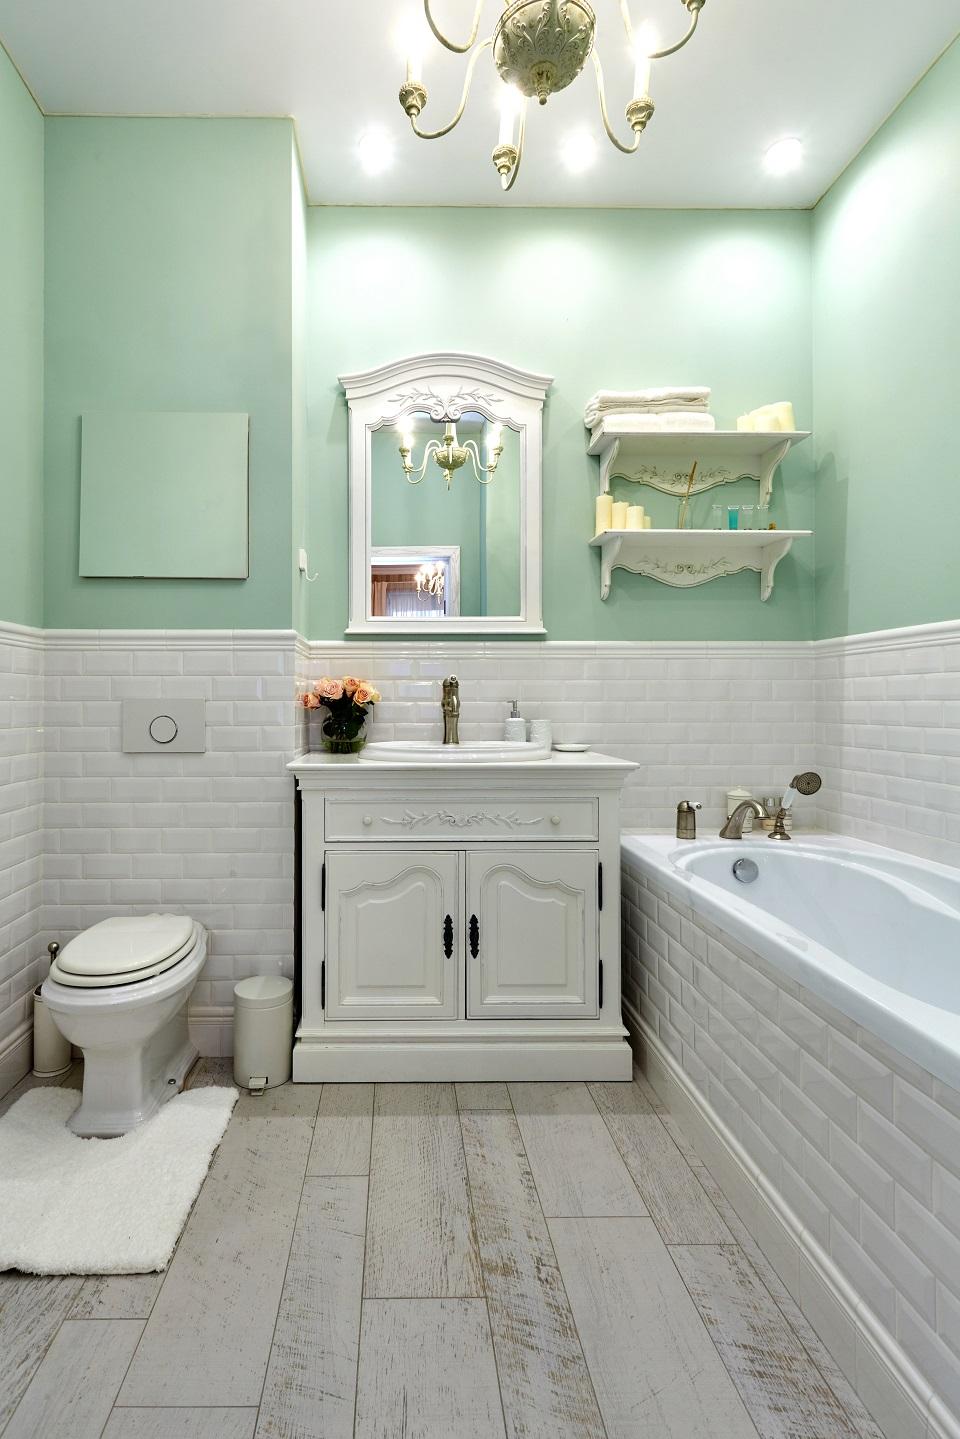 Ванная в стиле прованс 2017 – 53 фото и идеи дизайна интерьера ванной   the architect